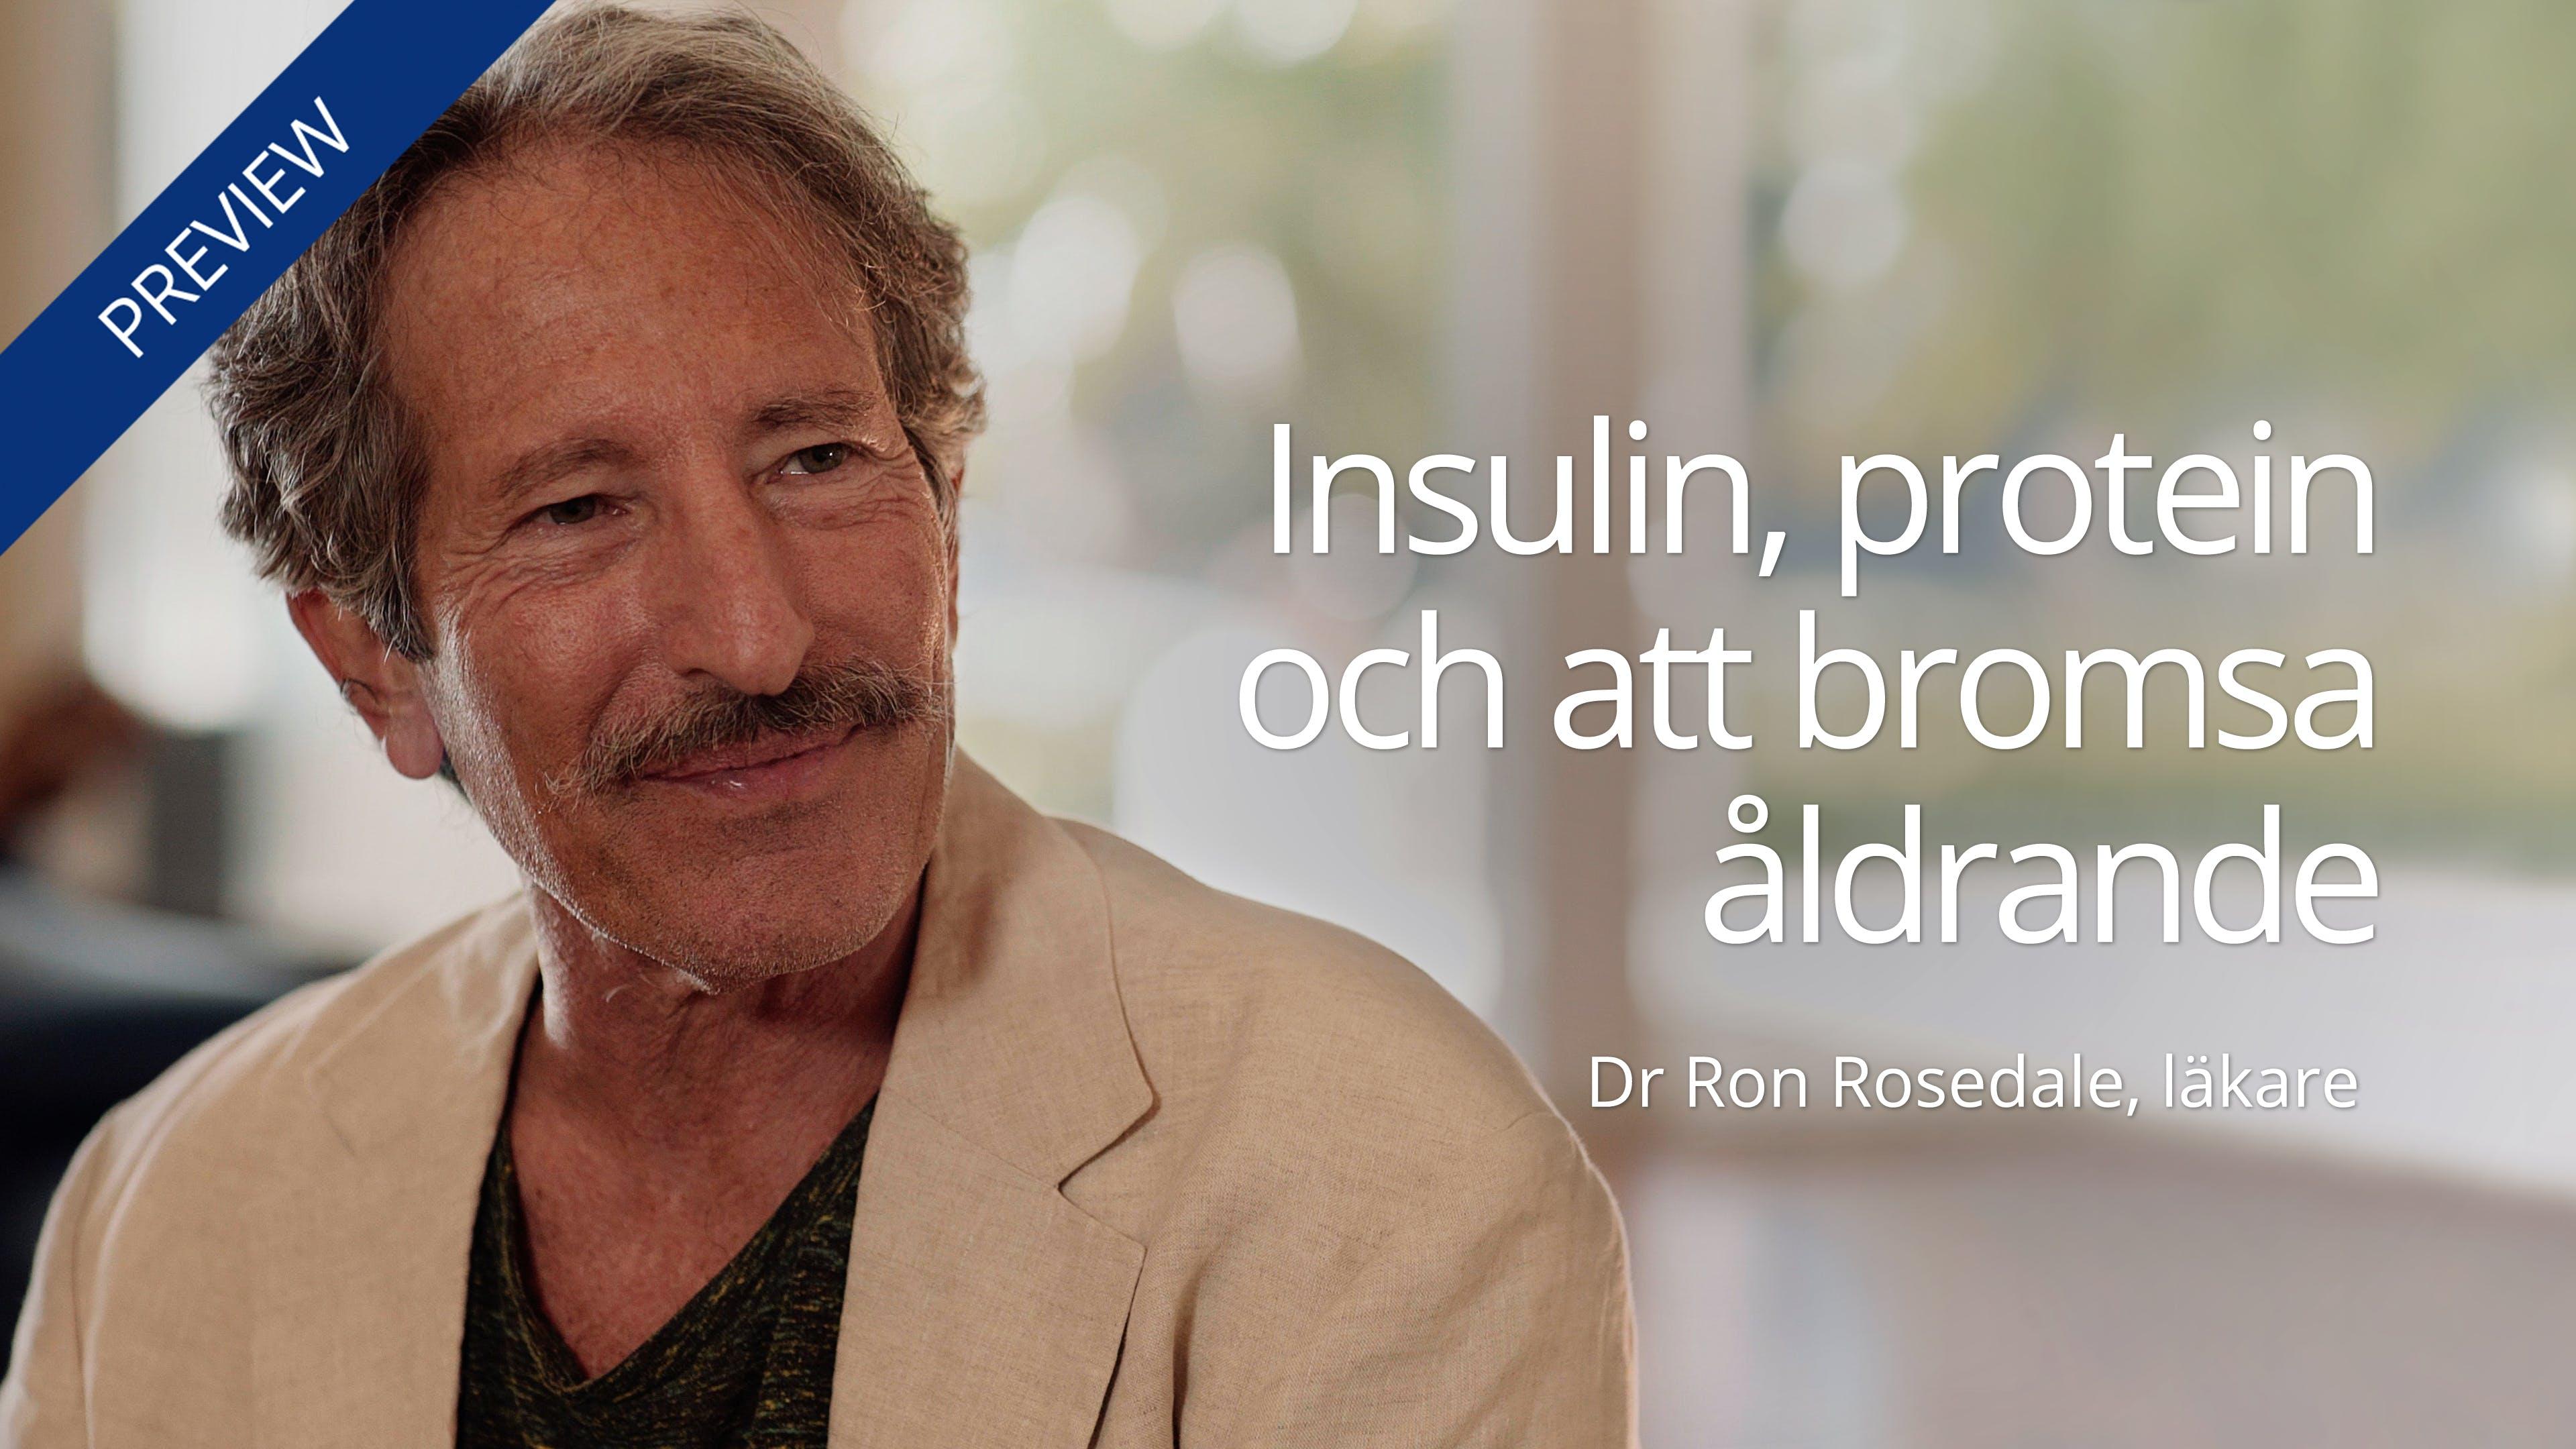 Insulin, protein och att bromsa åldrande